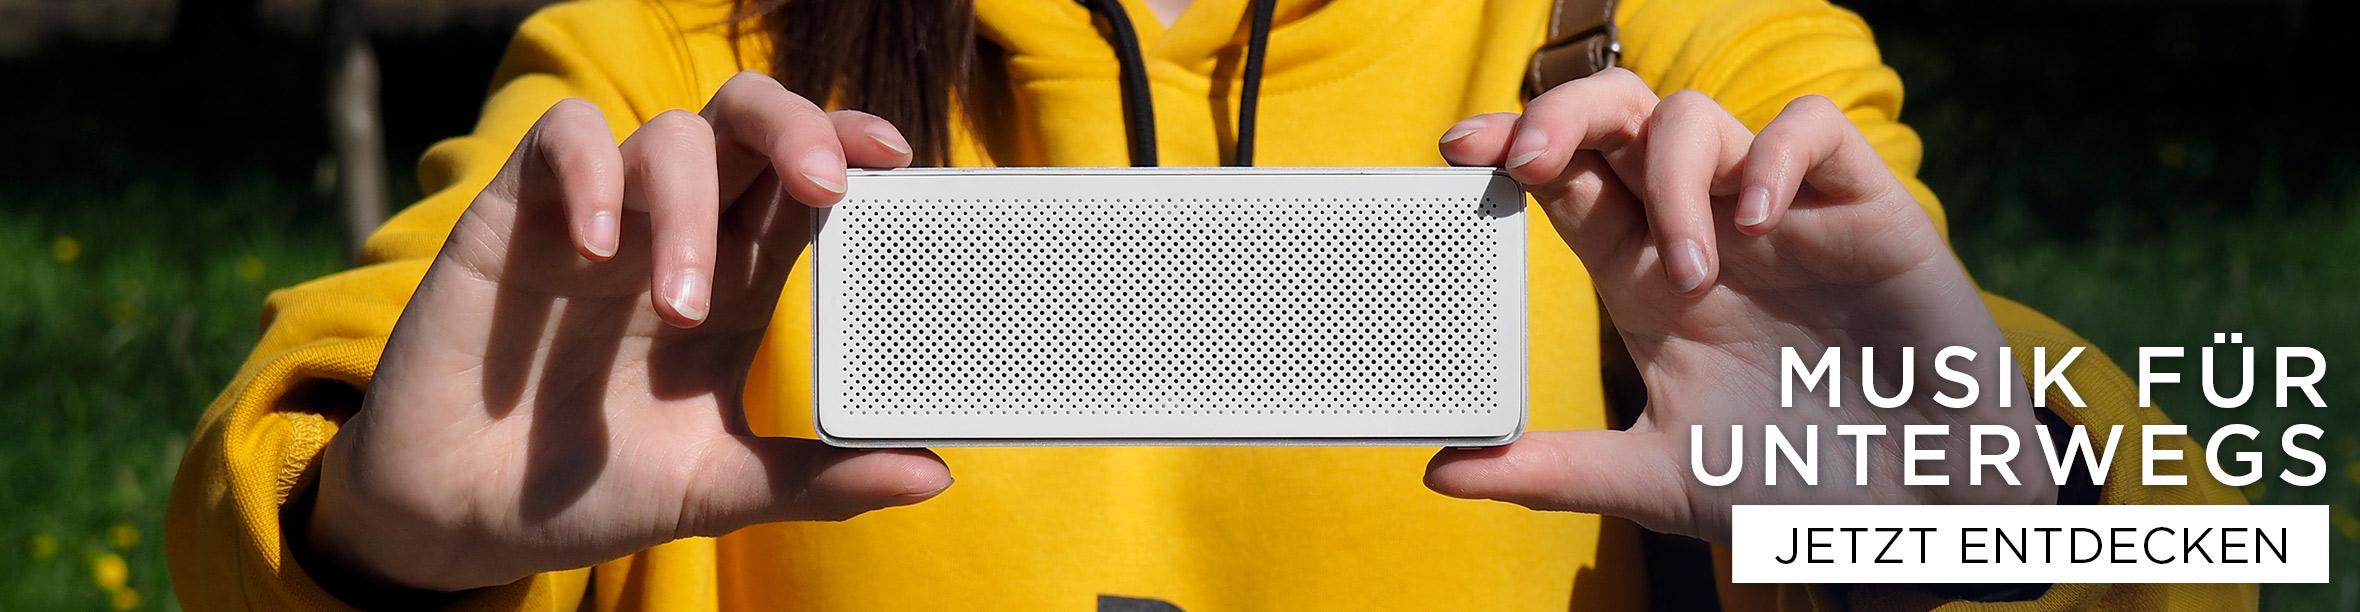 Musik für Unterwegs - Bluetooth Boxen